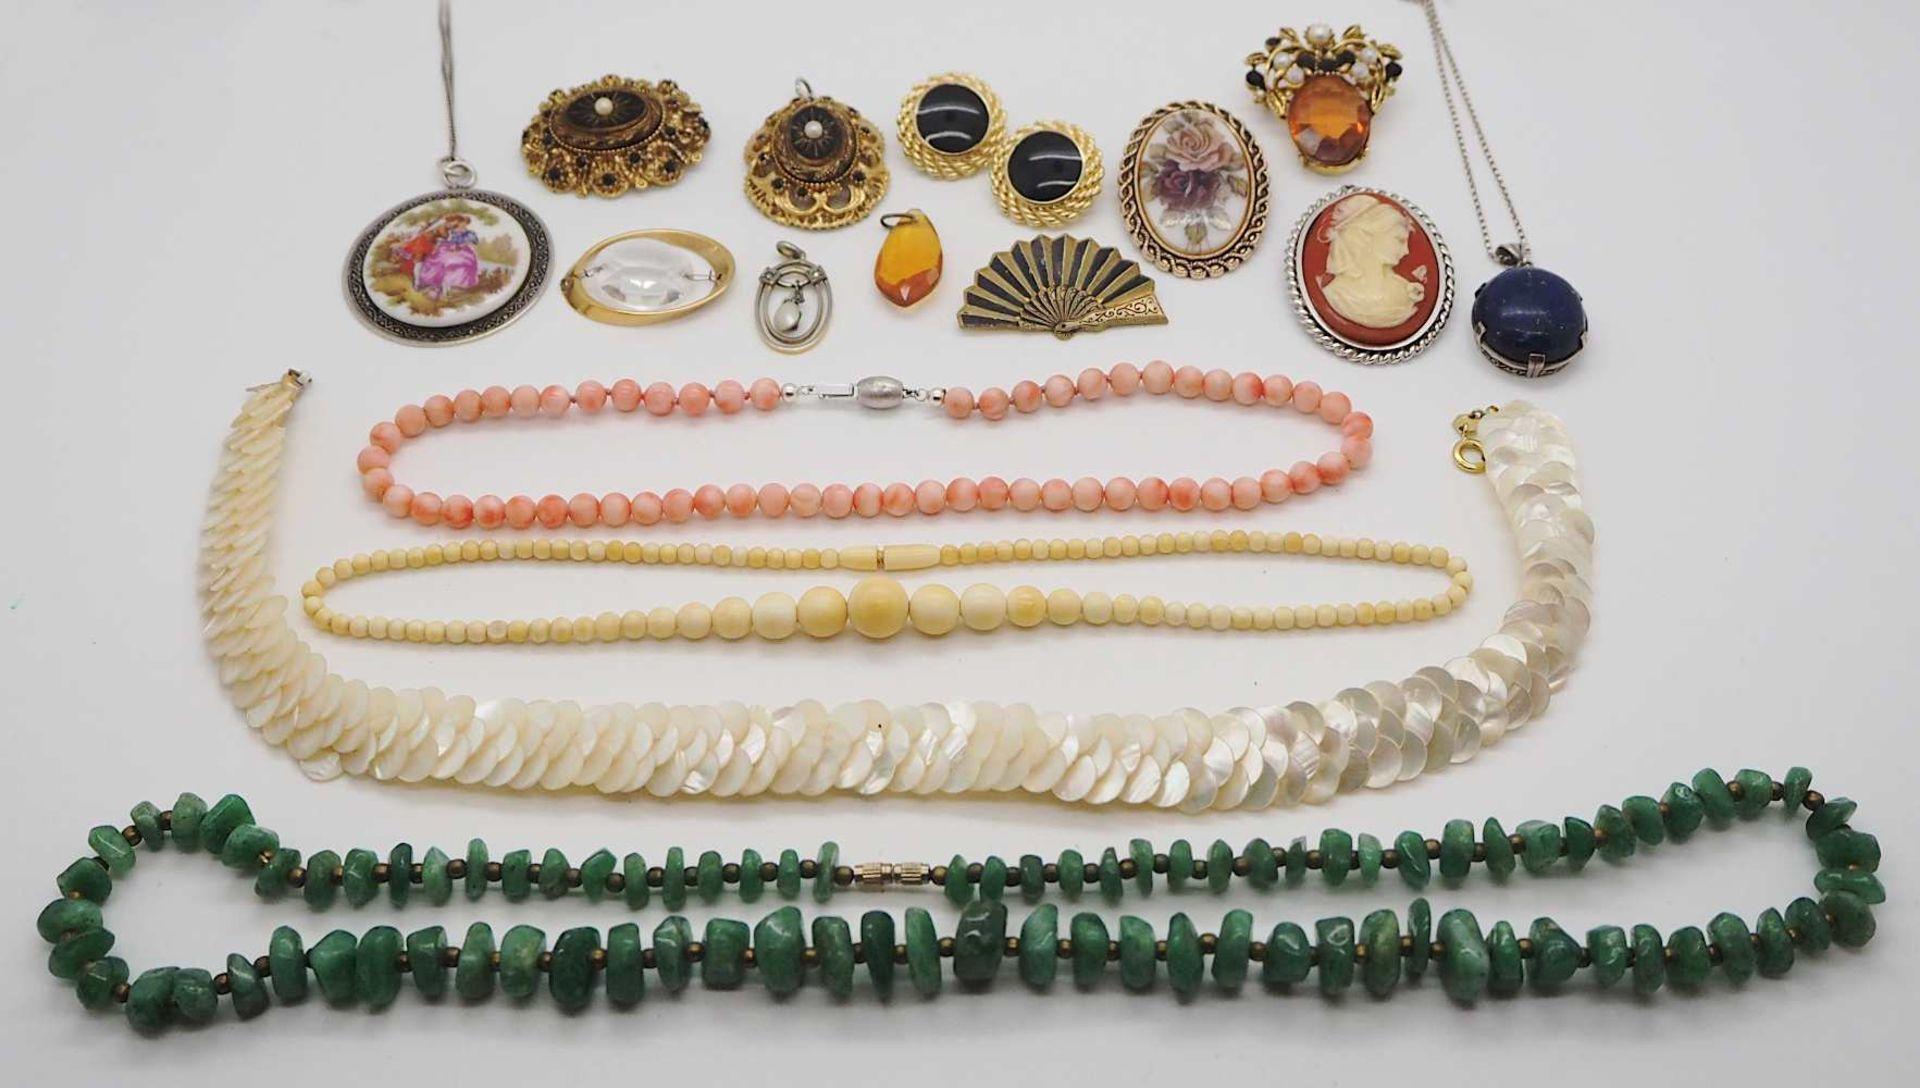 1 Konv. Schmuck Silber/Mode u.a. Edelsteine, Koralle u.a., in der Holzschatulle